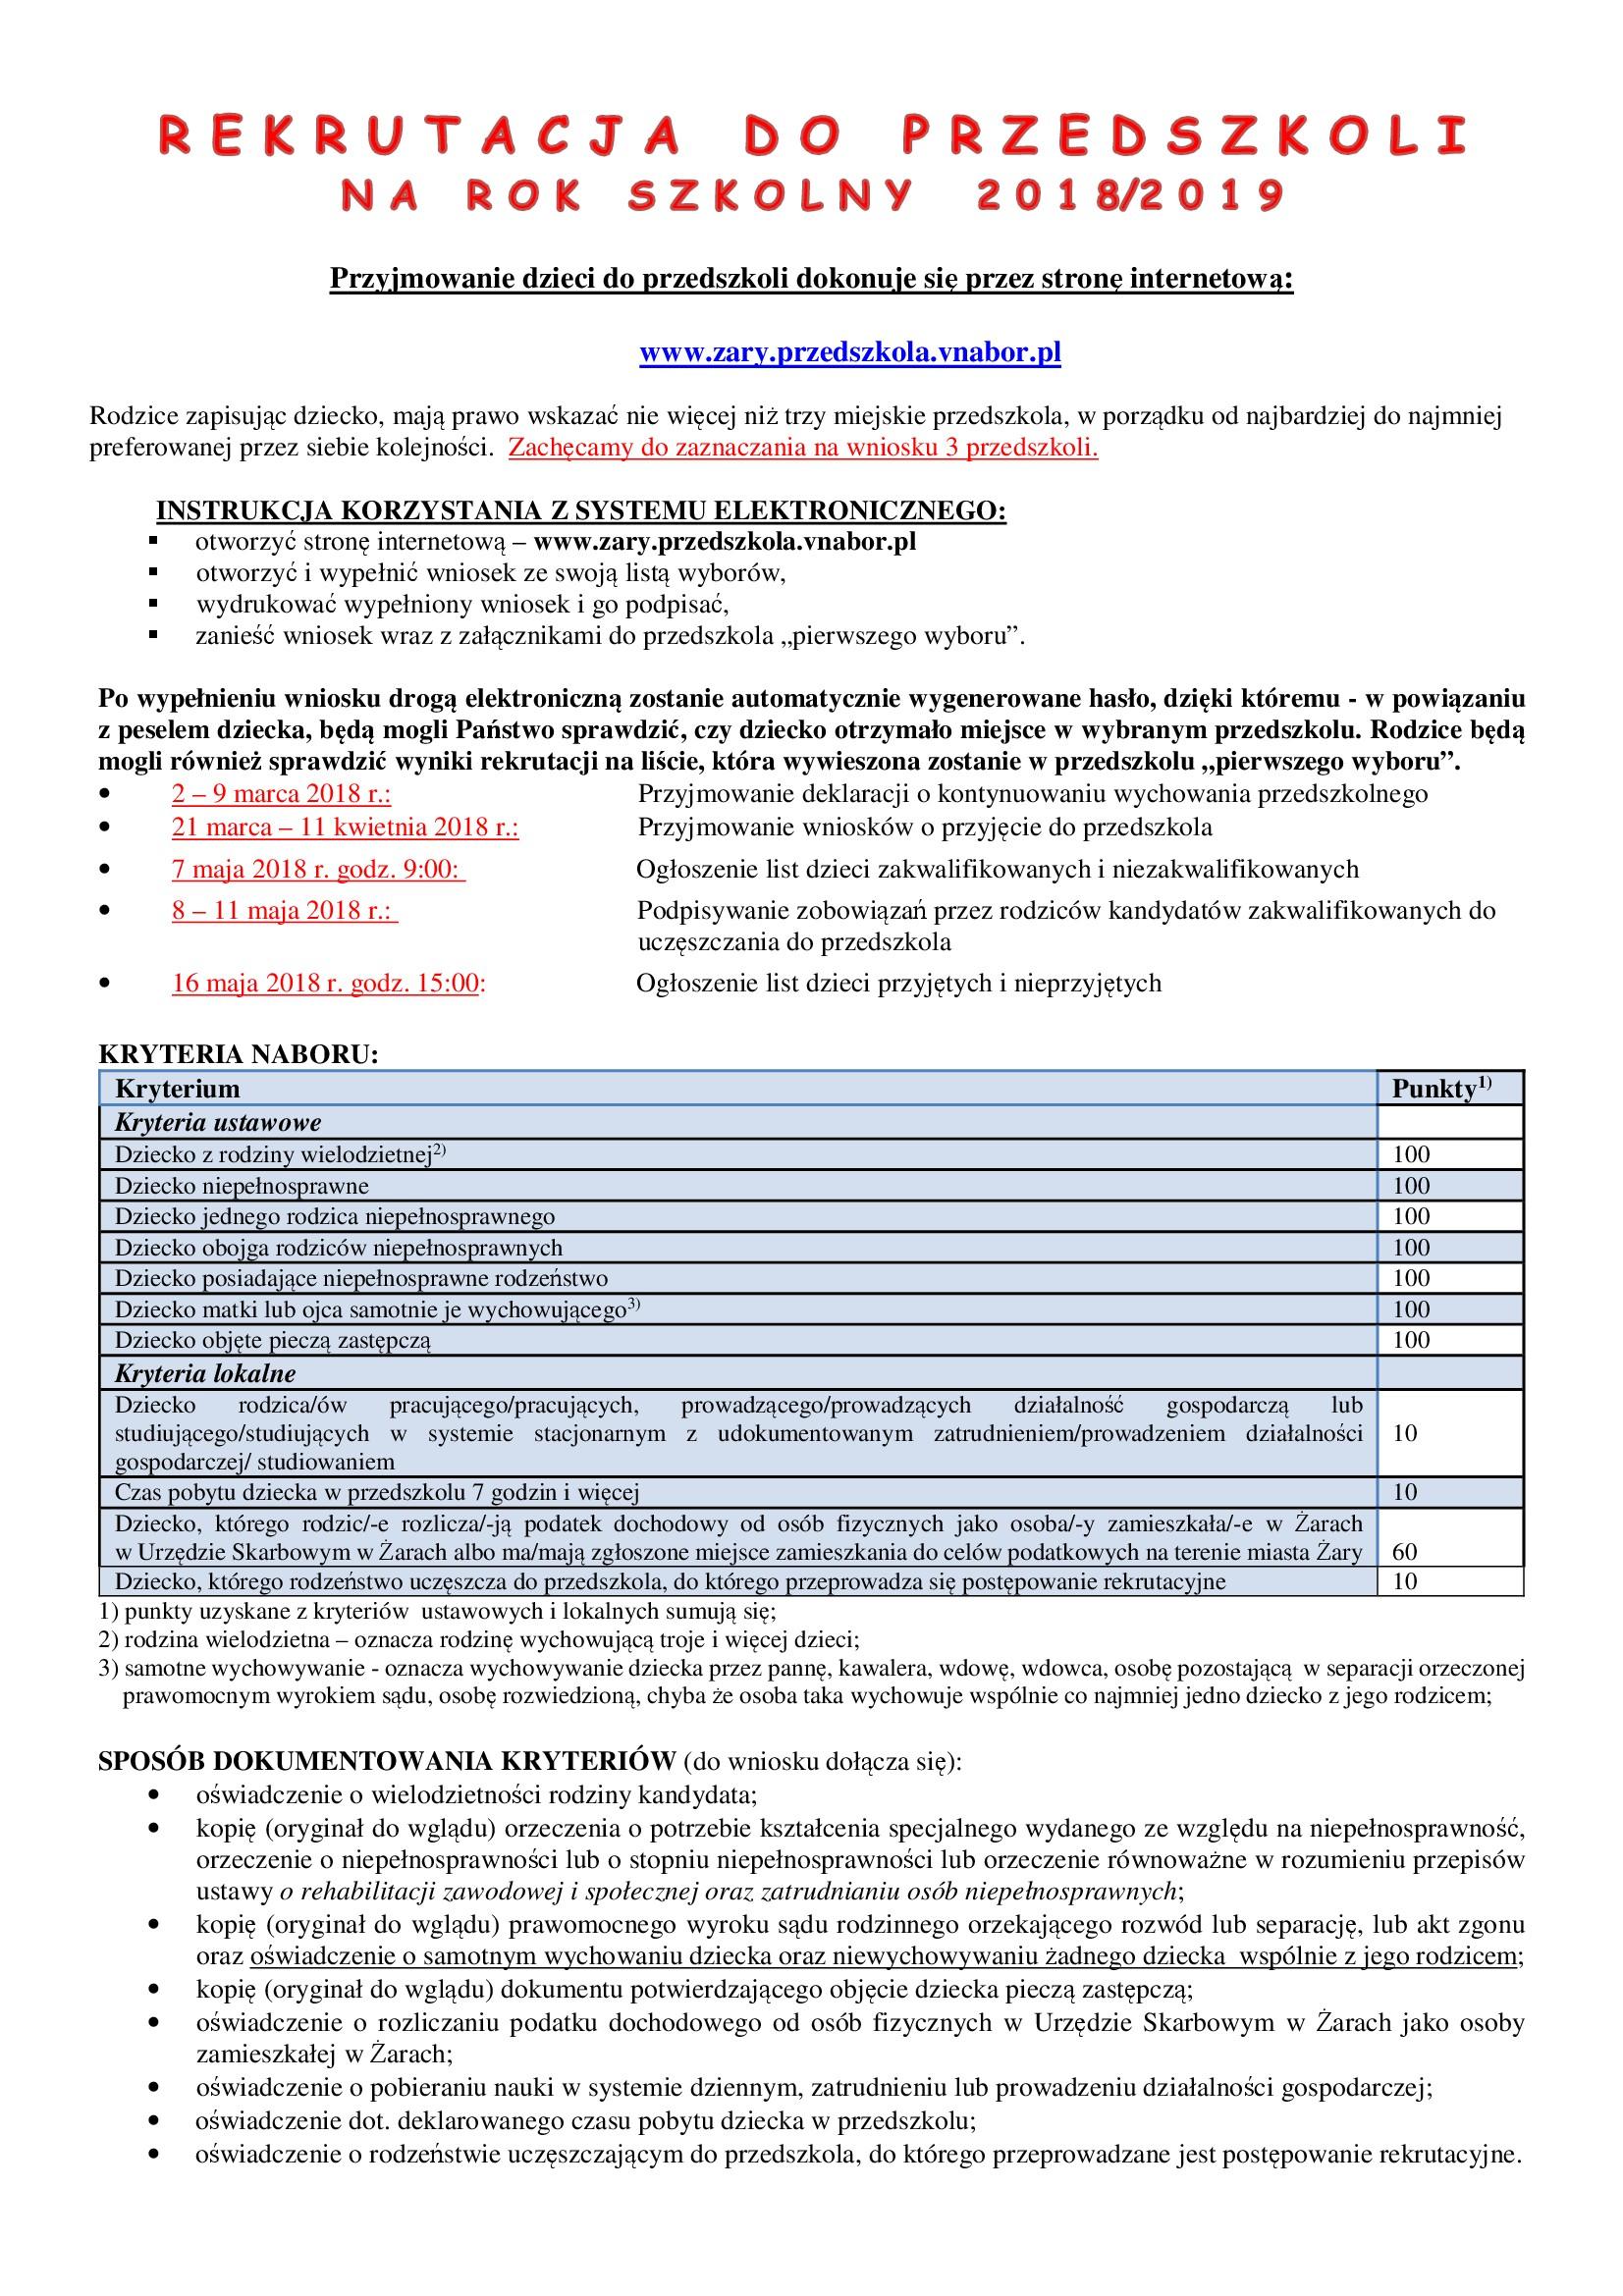 Ilustracja do informacji: Rekrutacja do przeszkoli na rok szkolny 2018/2019